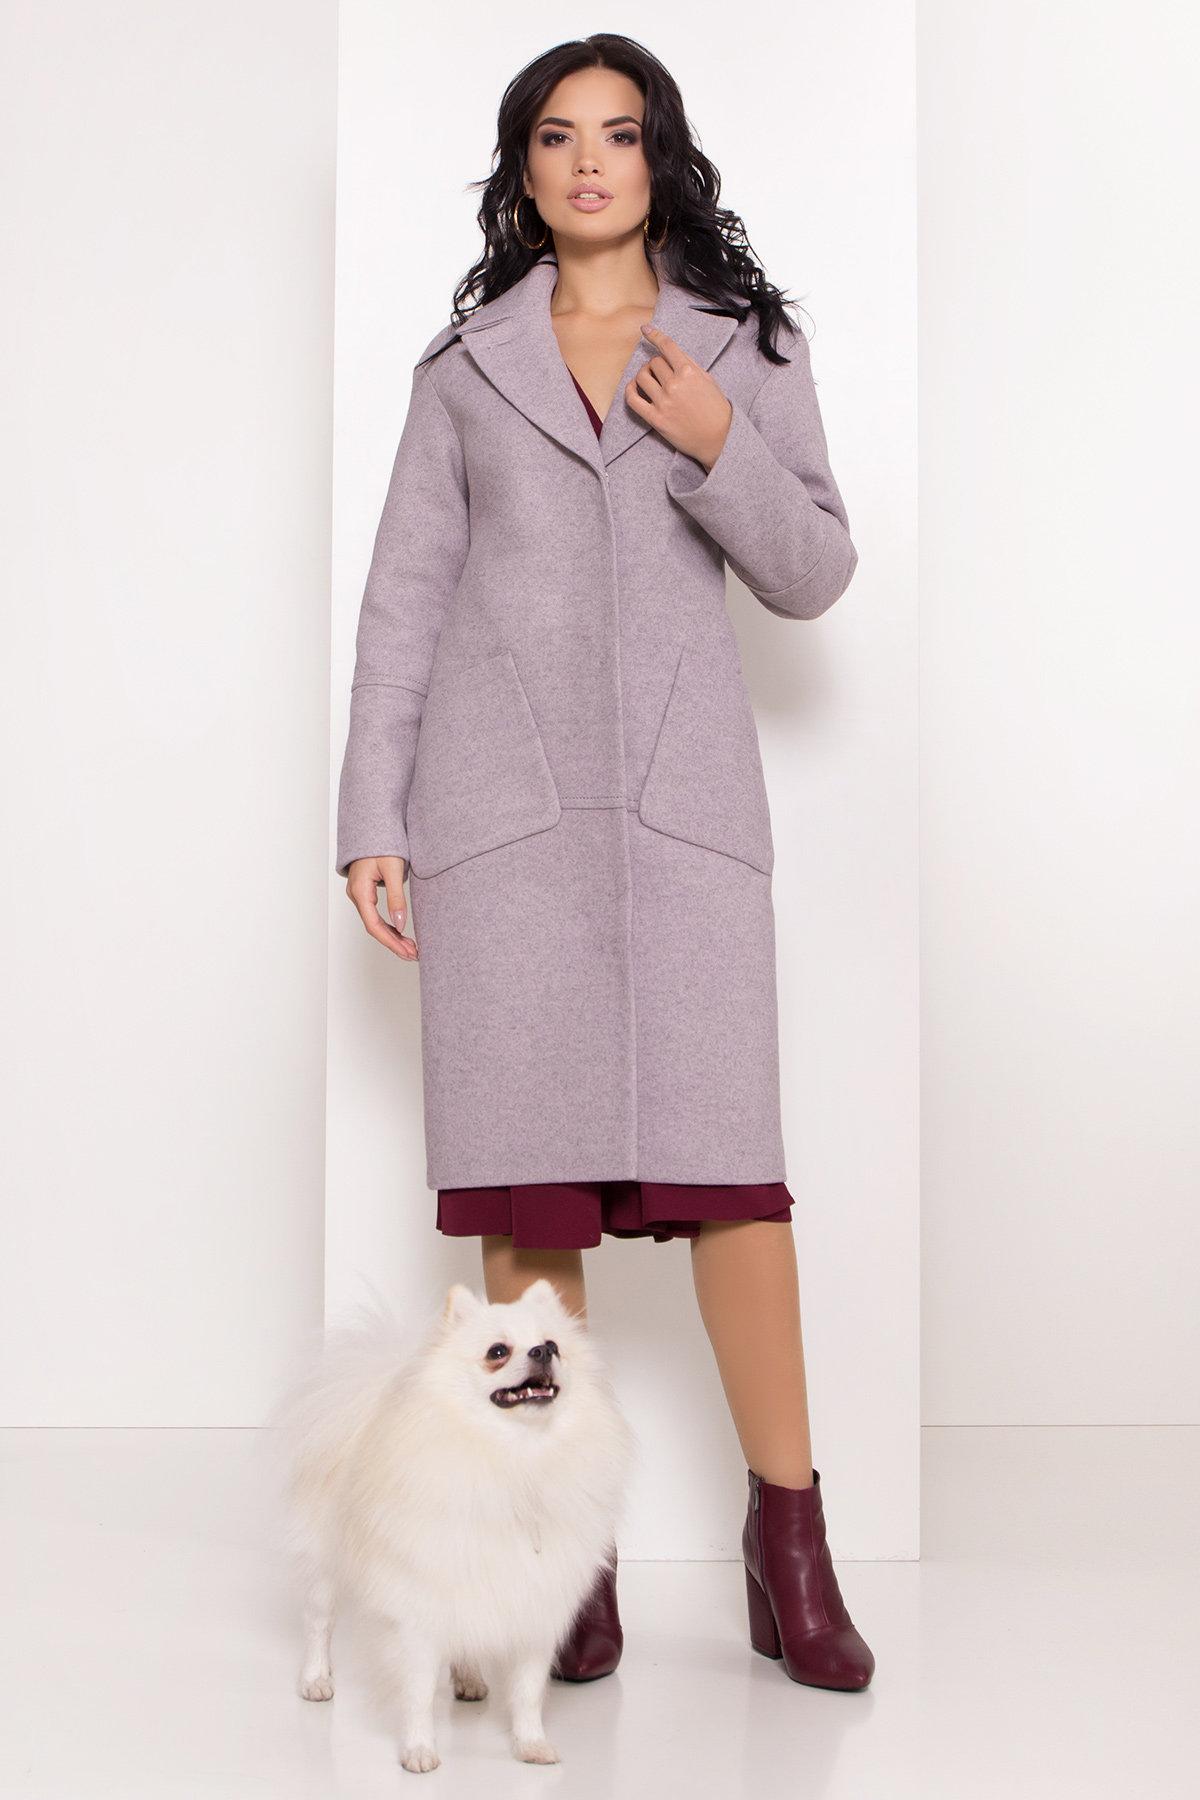 Элегантное зимнее пальто миди длины с накладными карманами Флорида 8138 АРТ. 44094 Цвет: Серо-розовый 46 - фото 3, интернет магазин tm-modus.ru